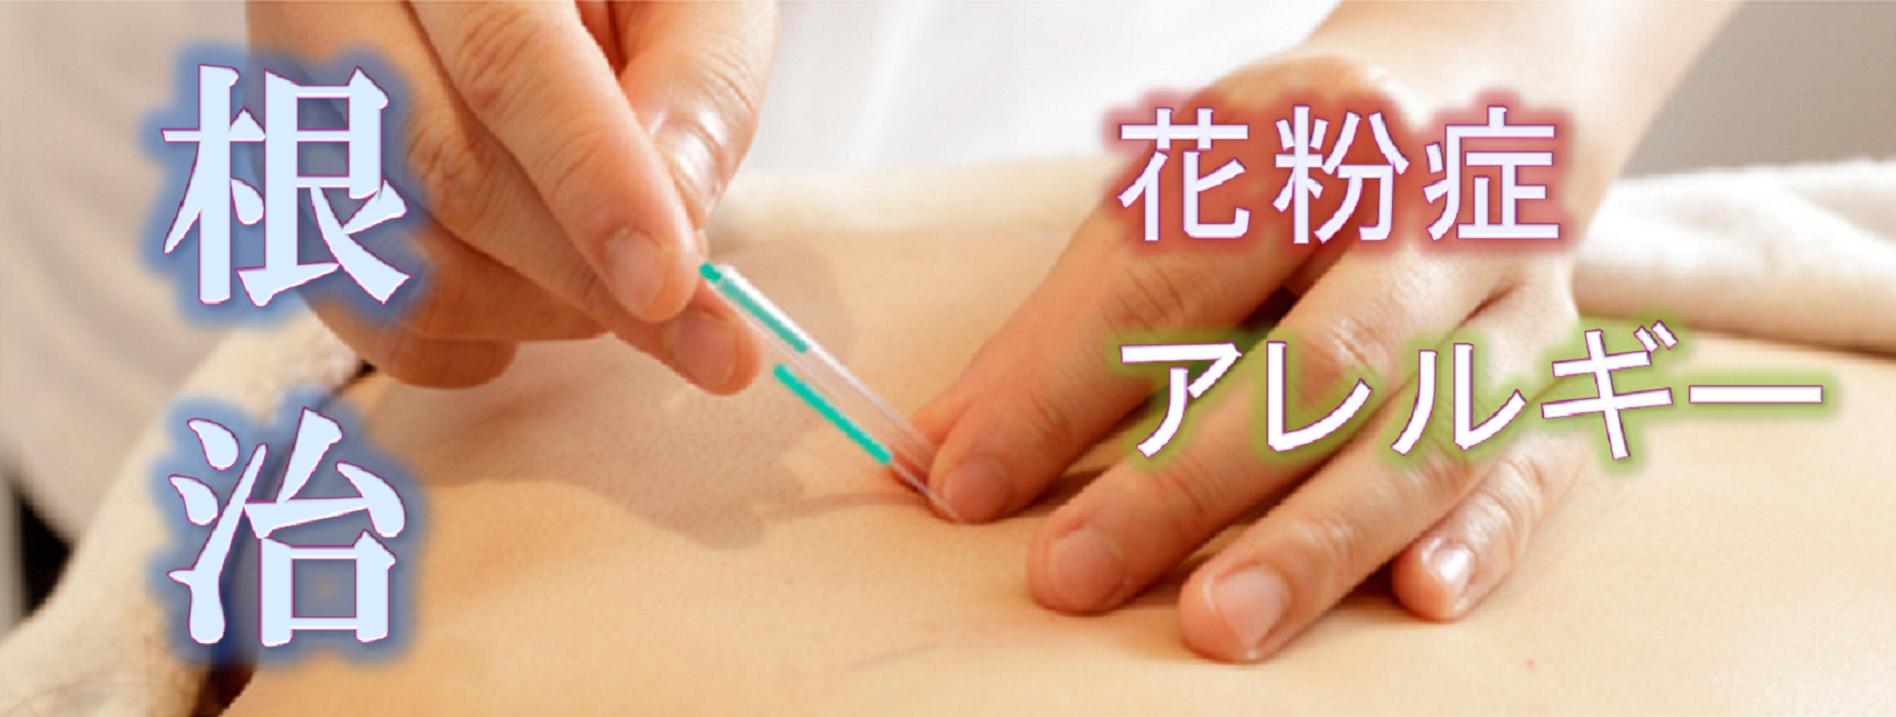 女性&子供のアトピー・花粉症|浜松市中区らぽーる鍼灸院